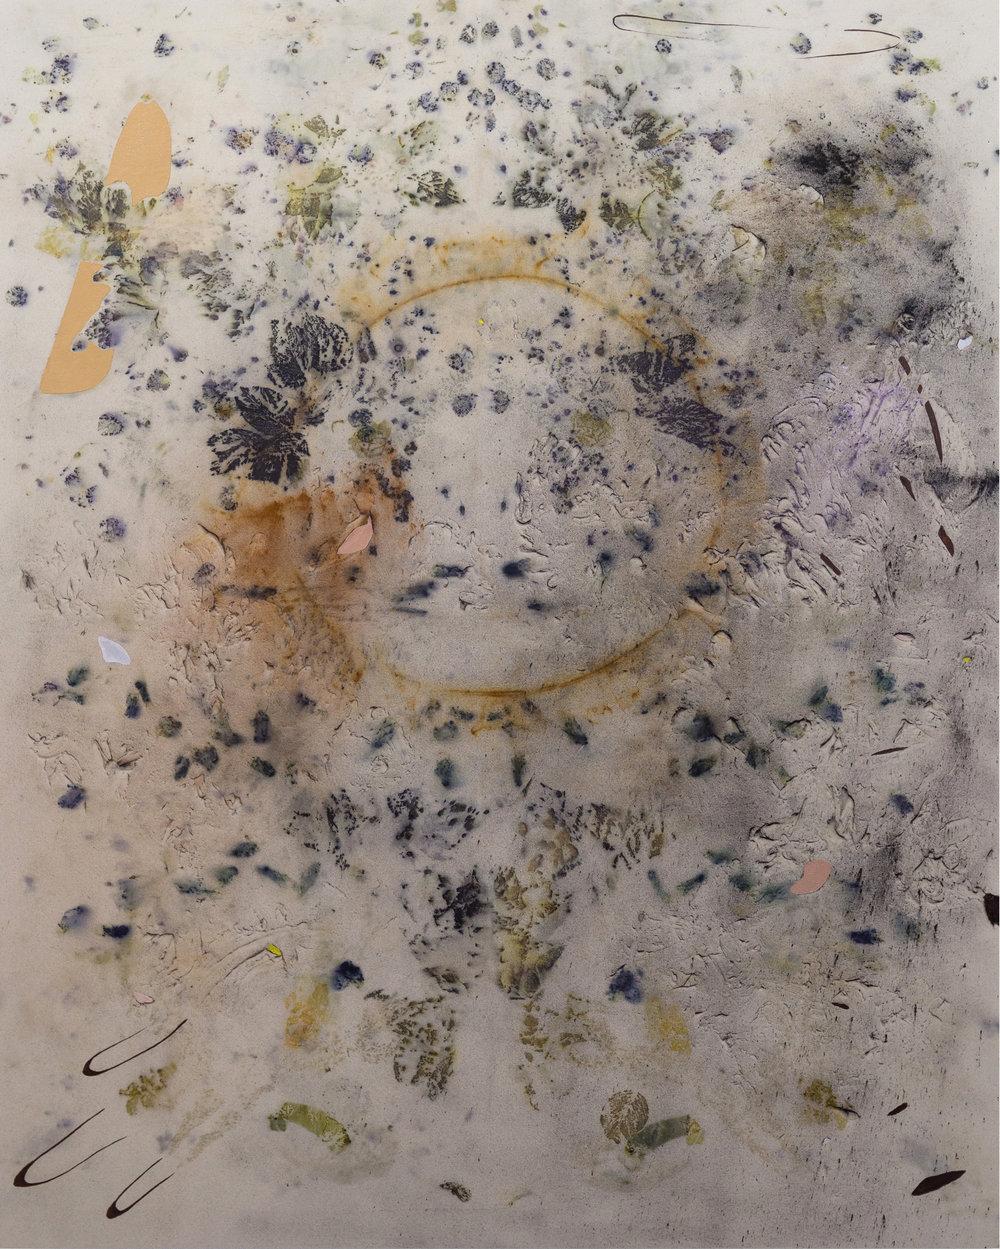 """Gillian King,  Red Osier Armor , 2018, médium à cire froide, huile, pigments bruts et divers matériaux végétaux sur toile, 154 x 122 cm (60"""" x 48"""")"""